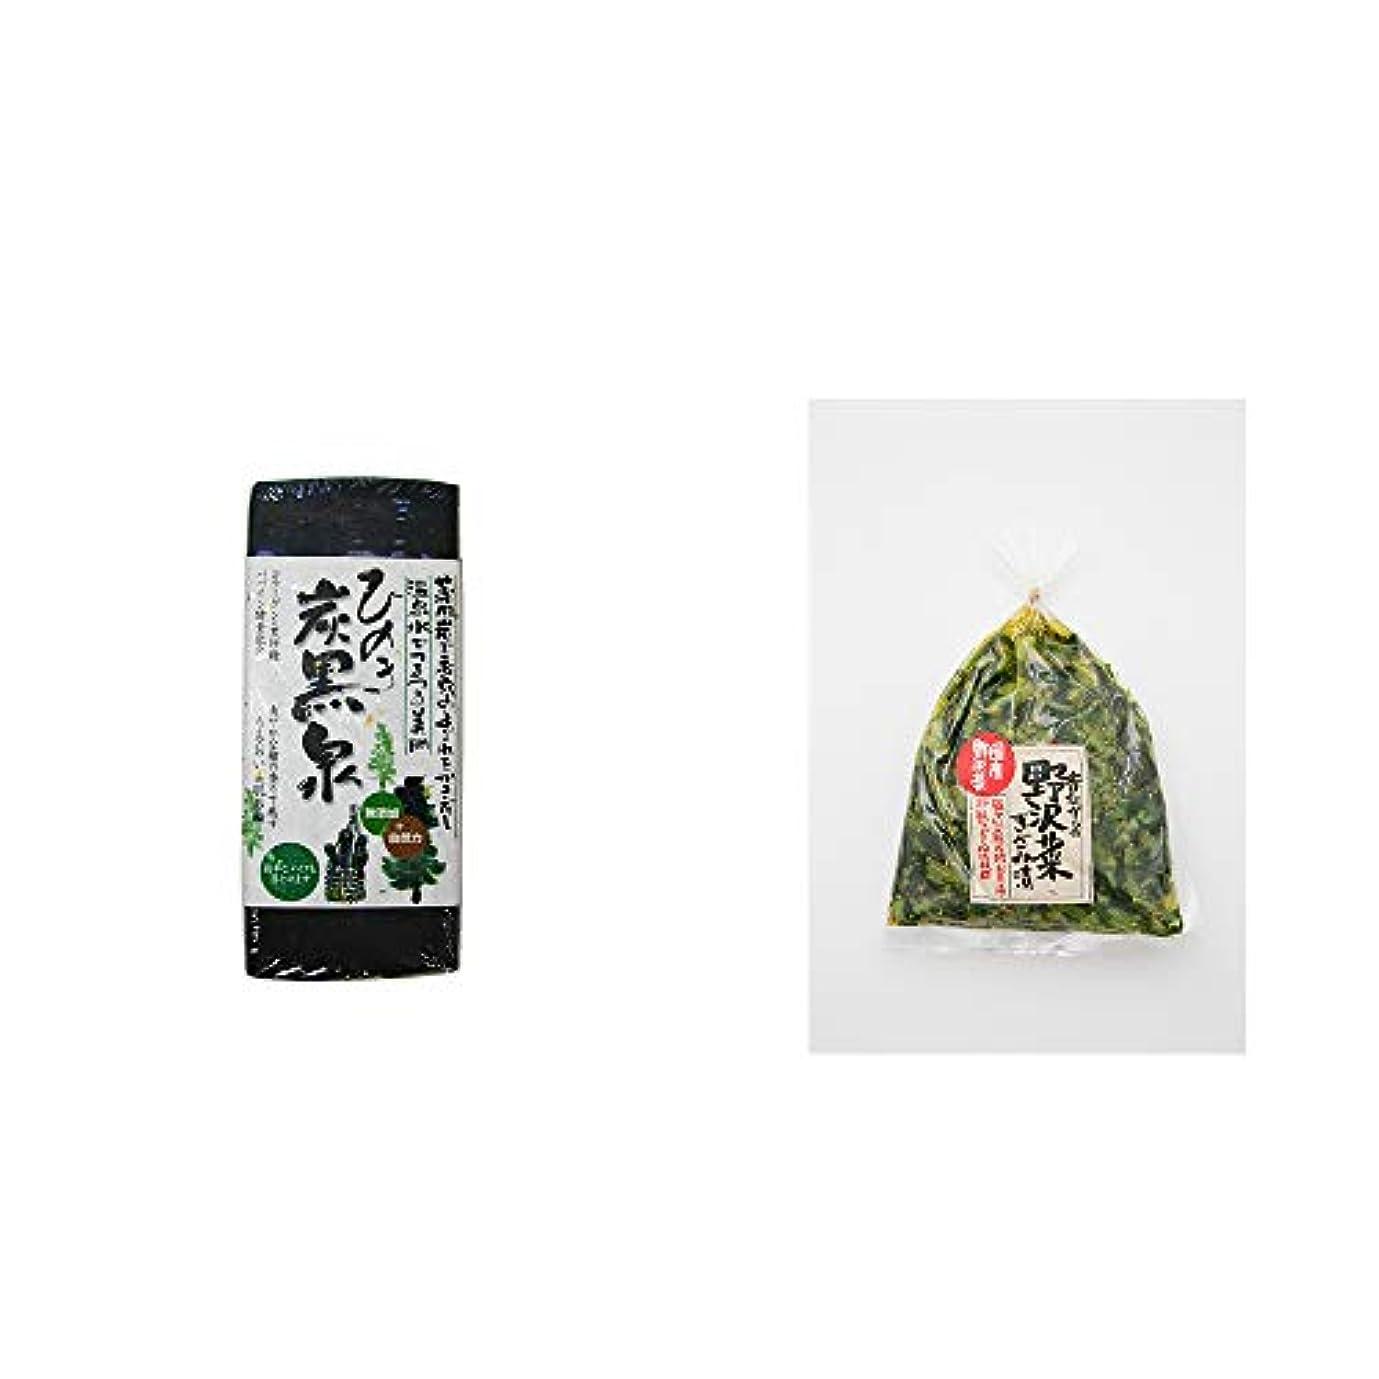 ハウスミルランプ[2点セット] ひのき炭黒泉(75g×2)?国産 昔ながらの野沢菜きざみ漬け(150g)